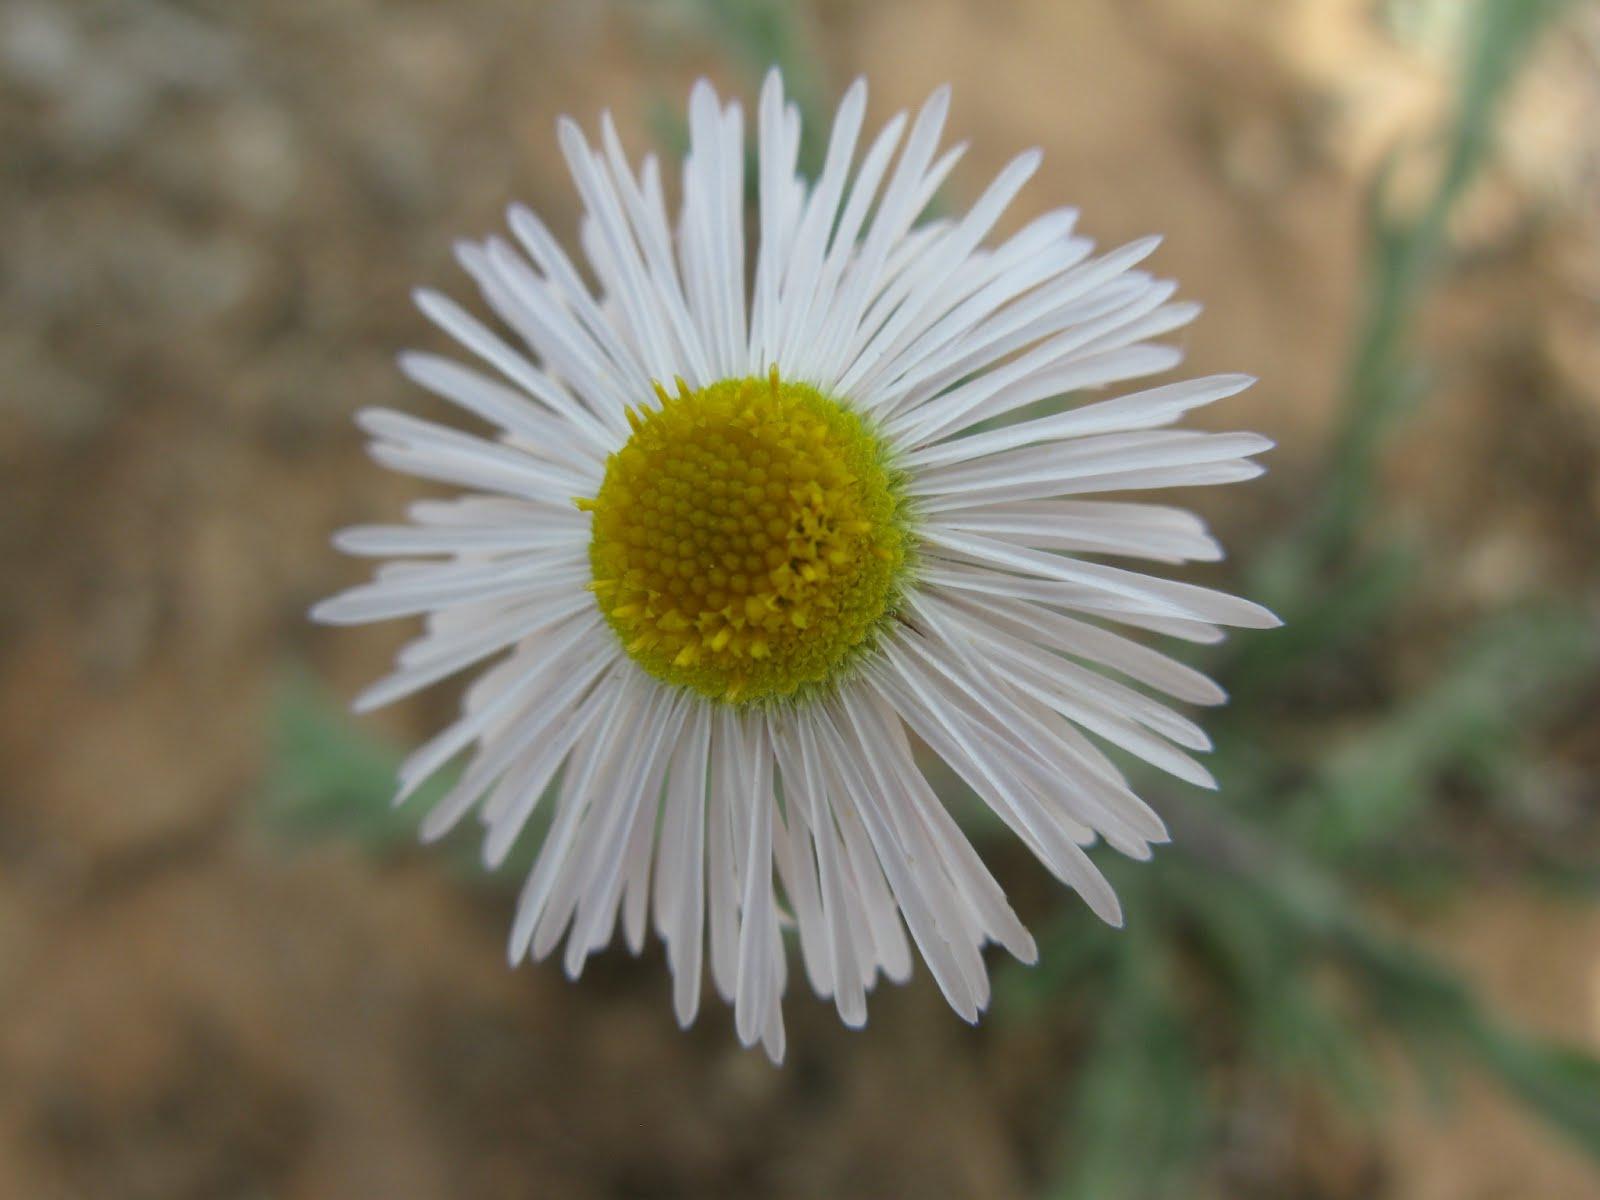 Daisy species (Erigeron tracyi)